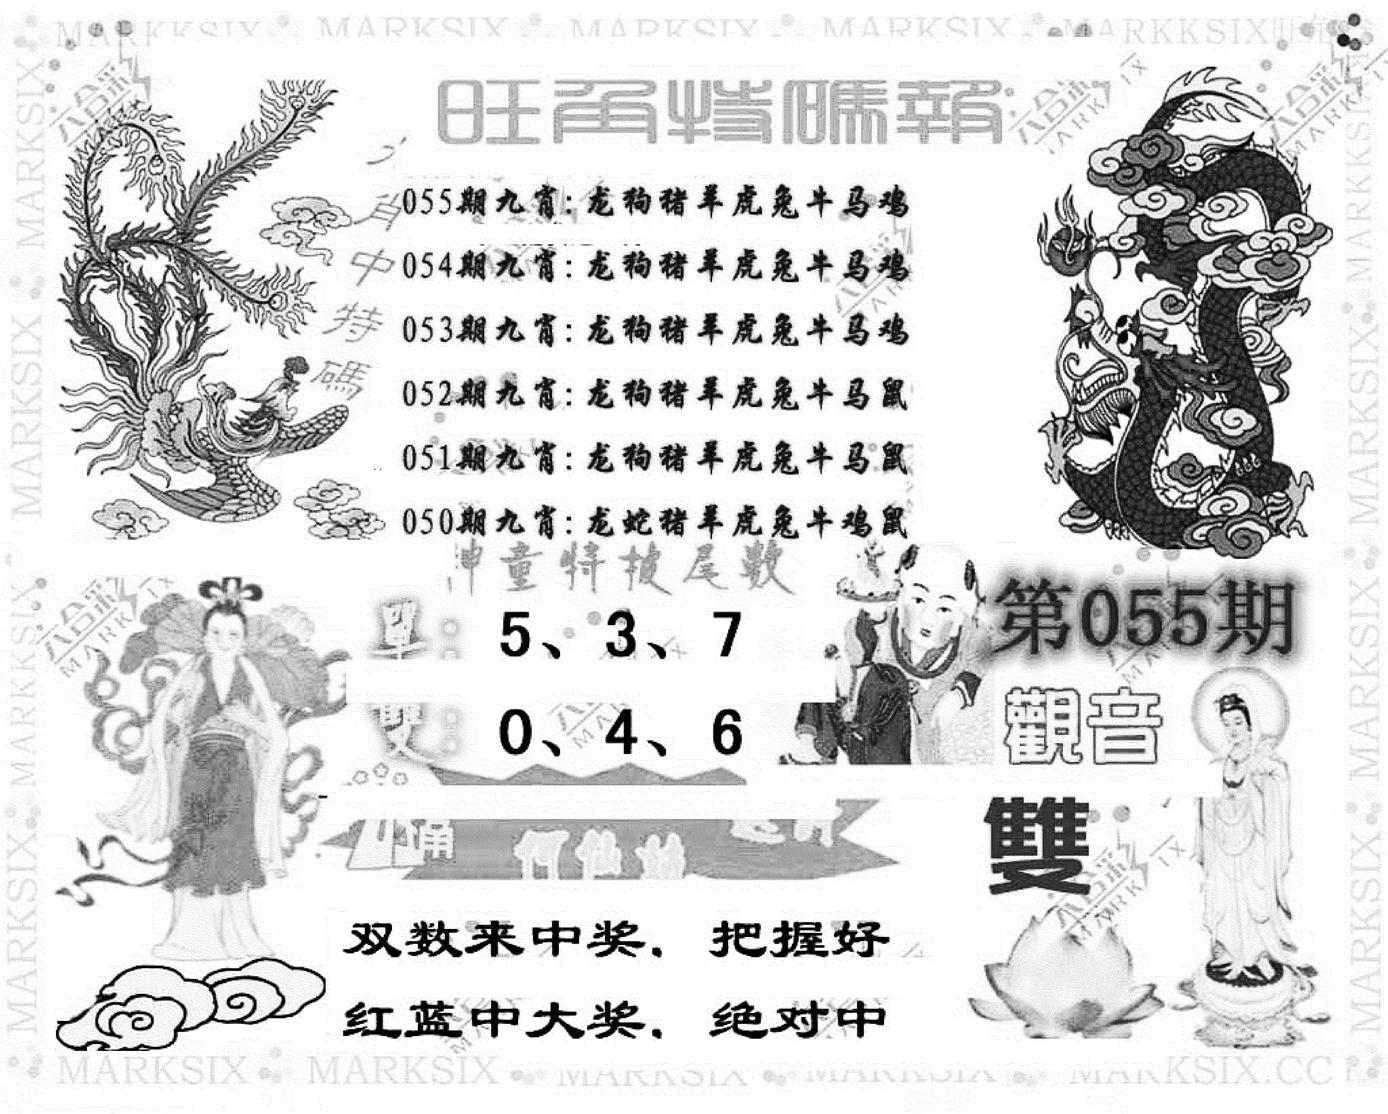 055期旺角特码报(彩)(黑白)